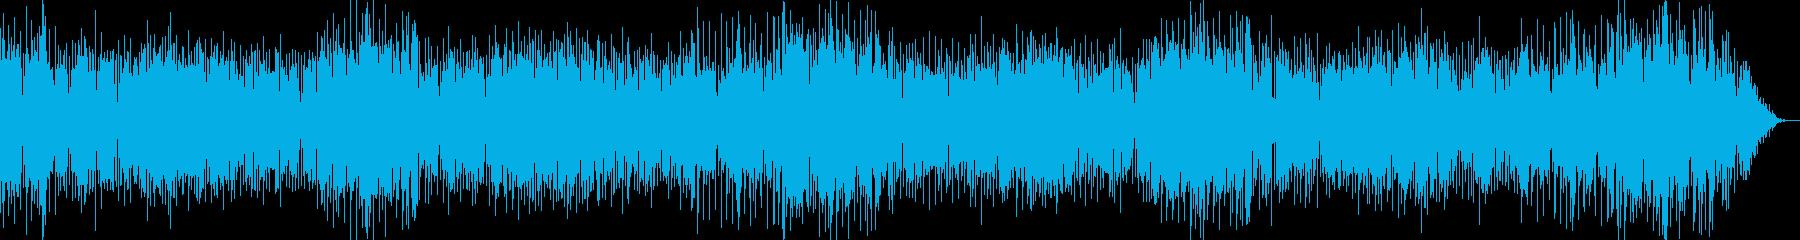 疾走感のある明るい軽快なテクノポップの再生済みの波形